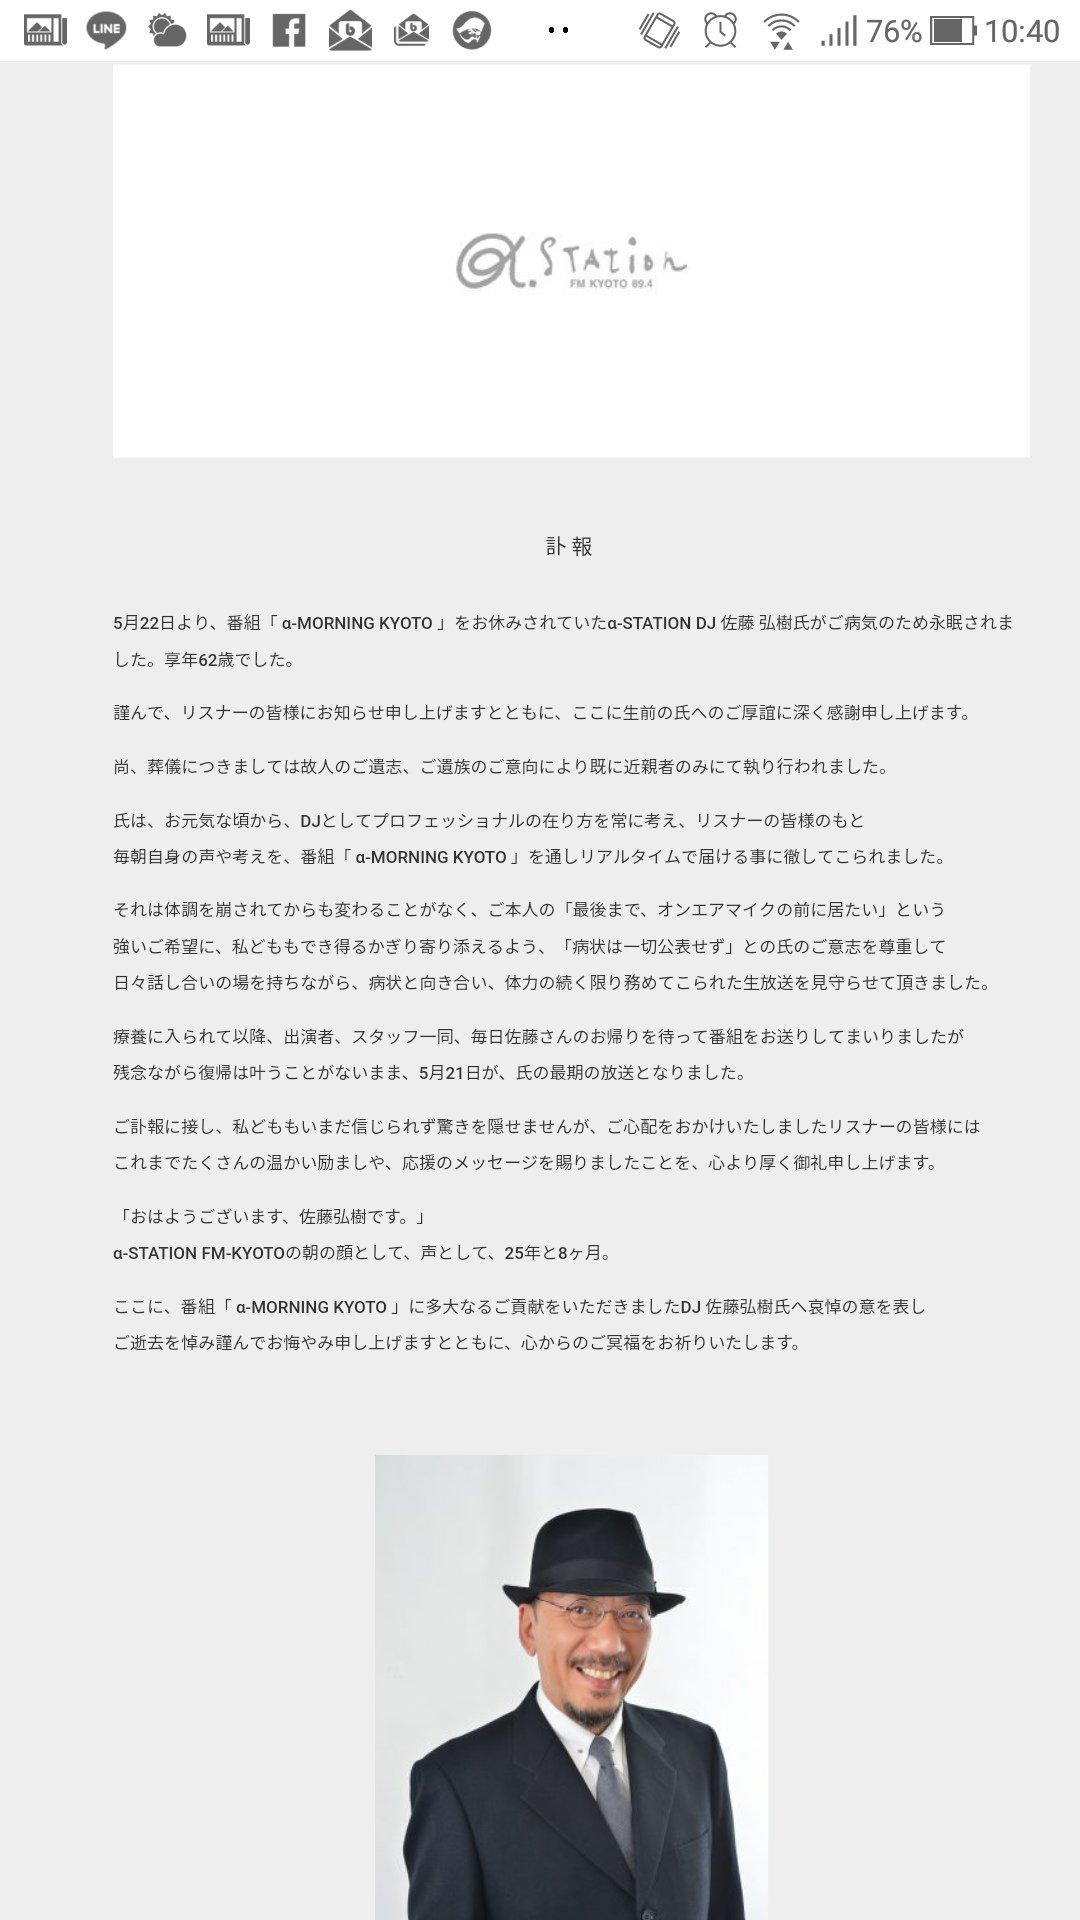 画像,佐藤弘樹さん訃報 公式ブログスクショ https://t.co/iWMYh788bo。